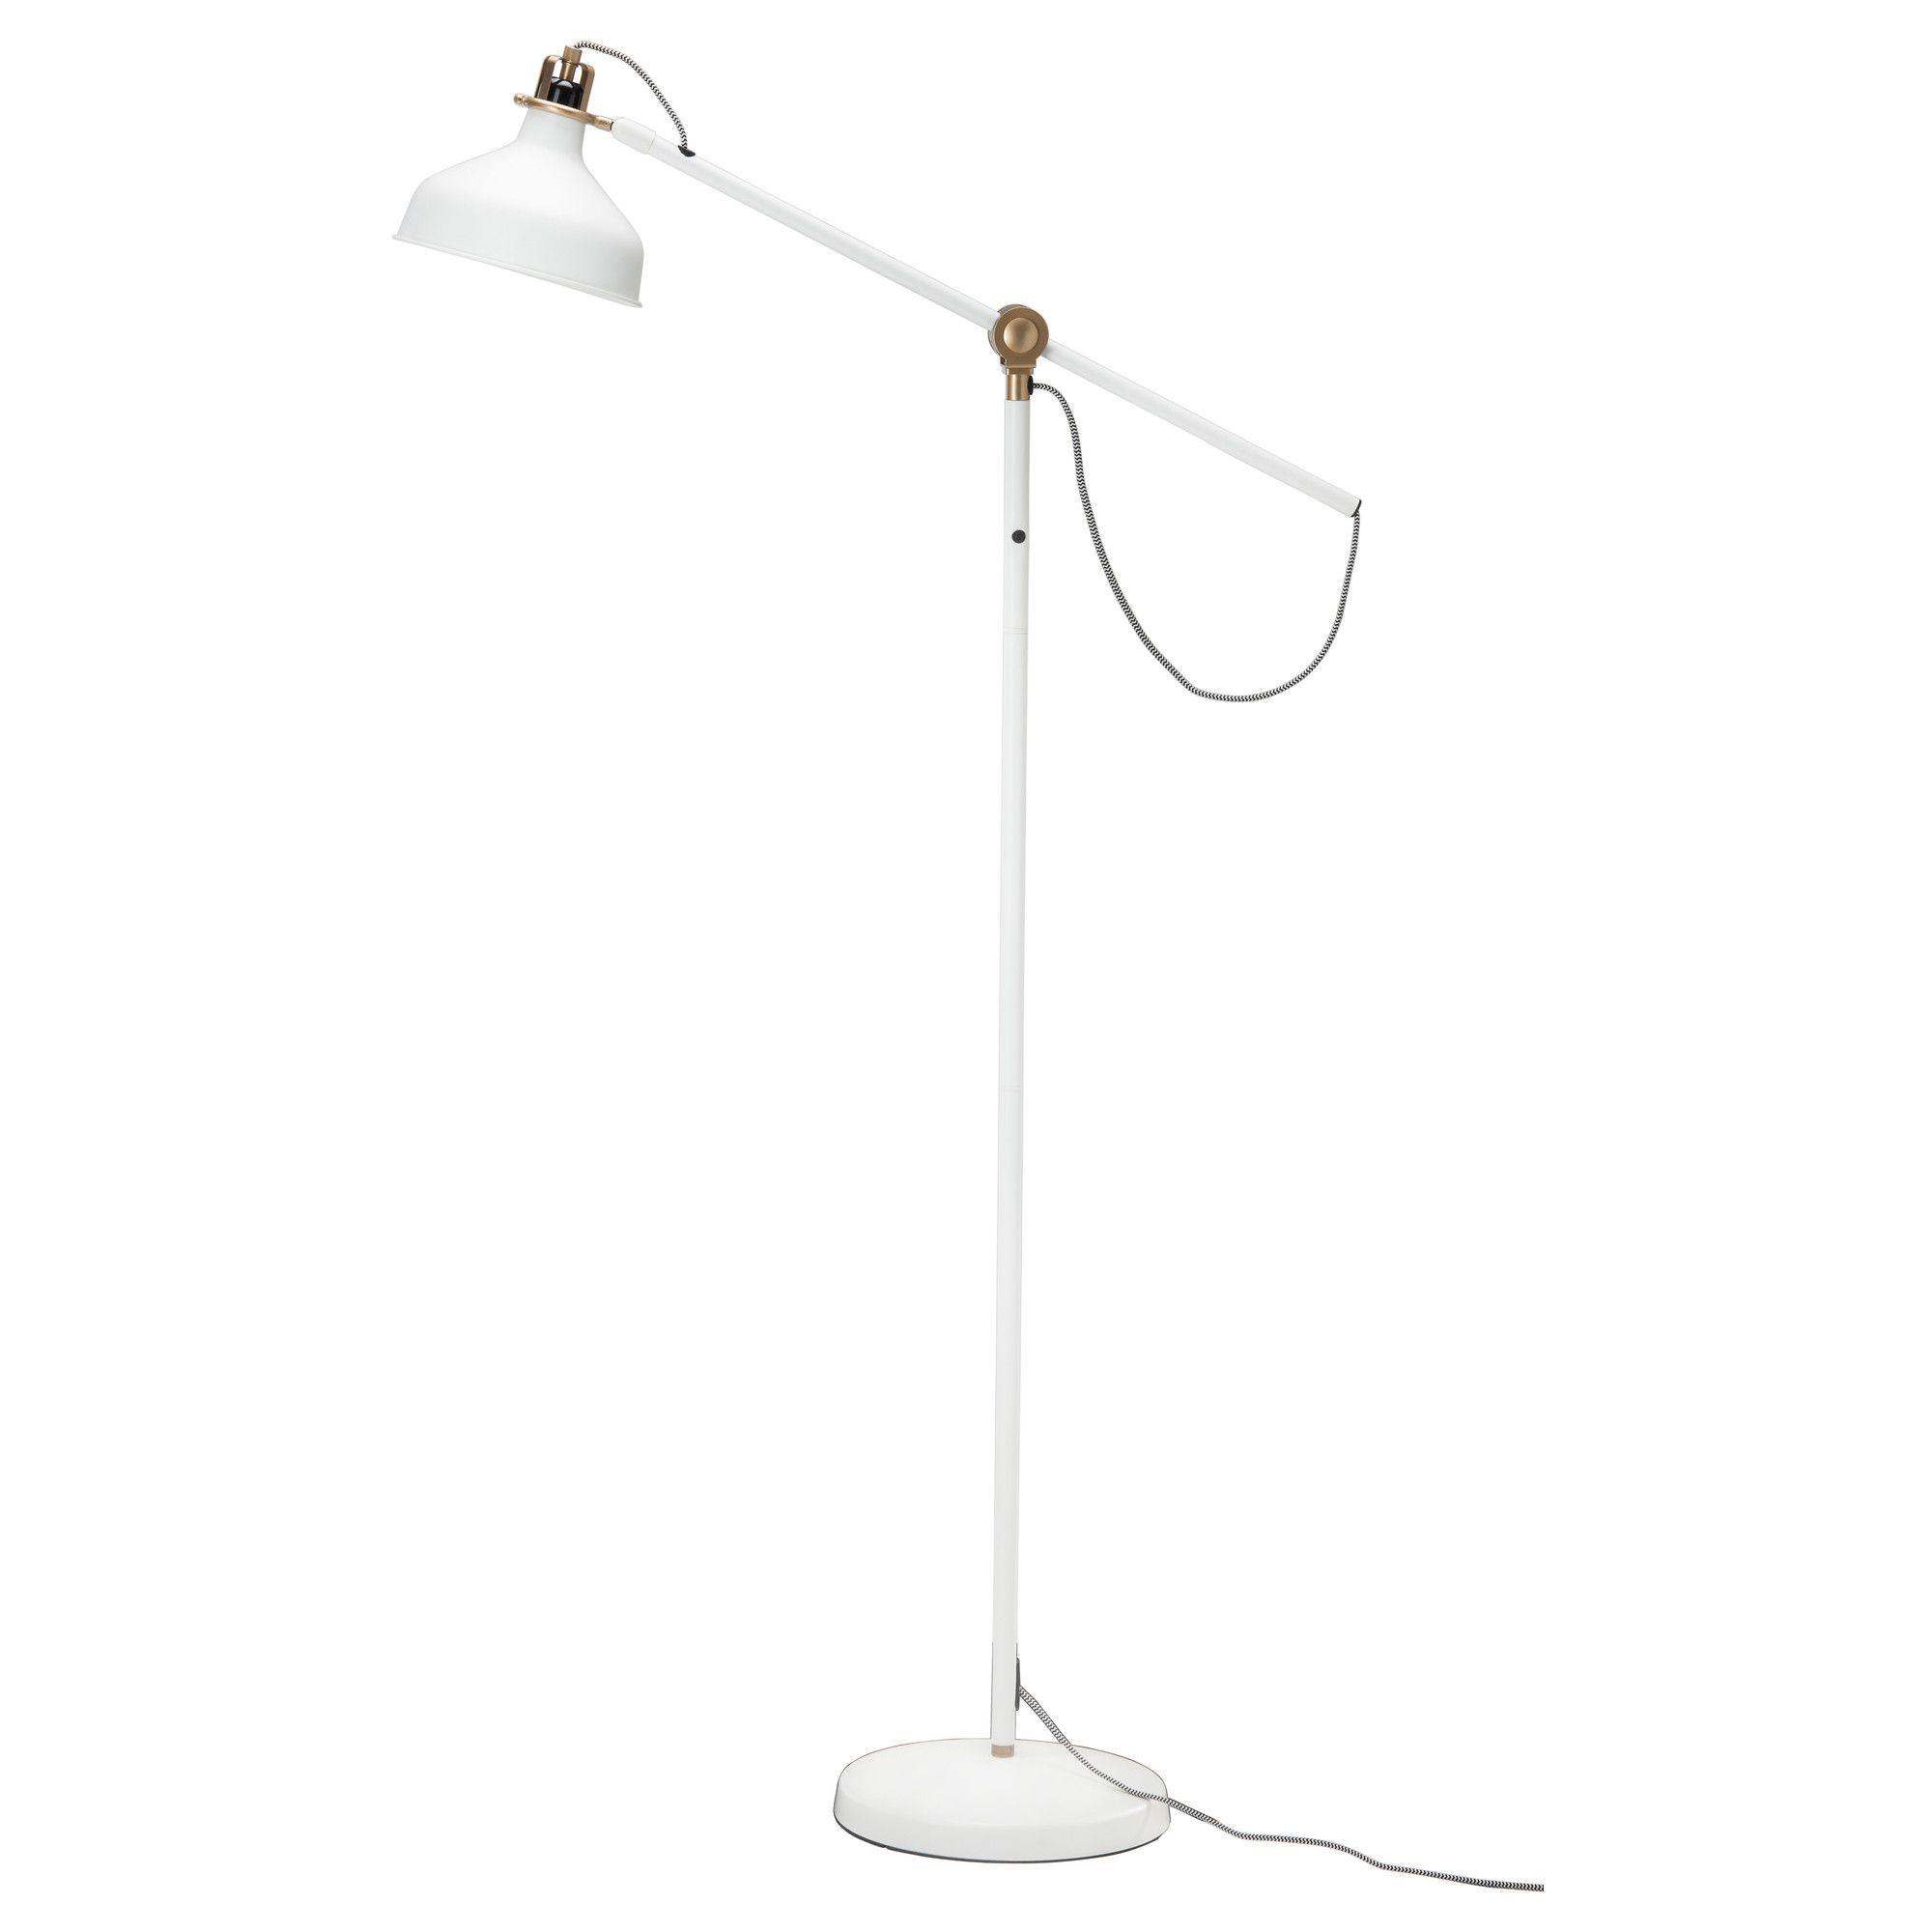 Full Size of Bogenlampe Ikea Kaufen Steh Stehlampe Bogenlampen Küche Betten Bei Sofa Mit Schlaffunktion Modulküche Kosten 160x200 Esstisch Miniküche Wohnzimmer Ikea Bogenlampe